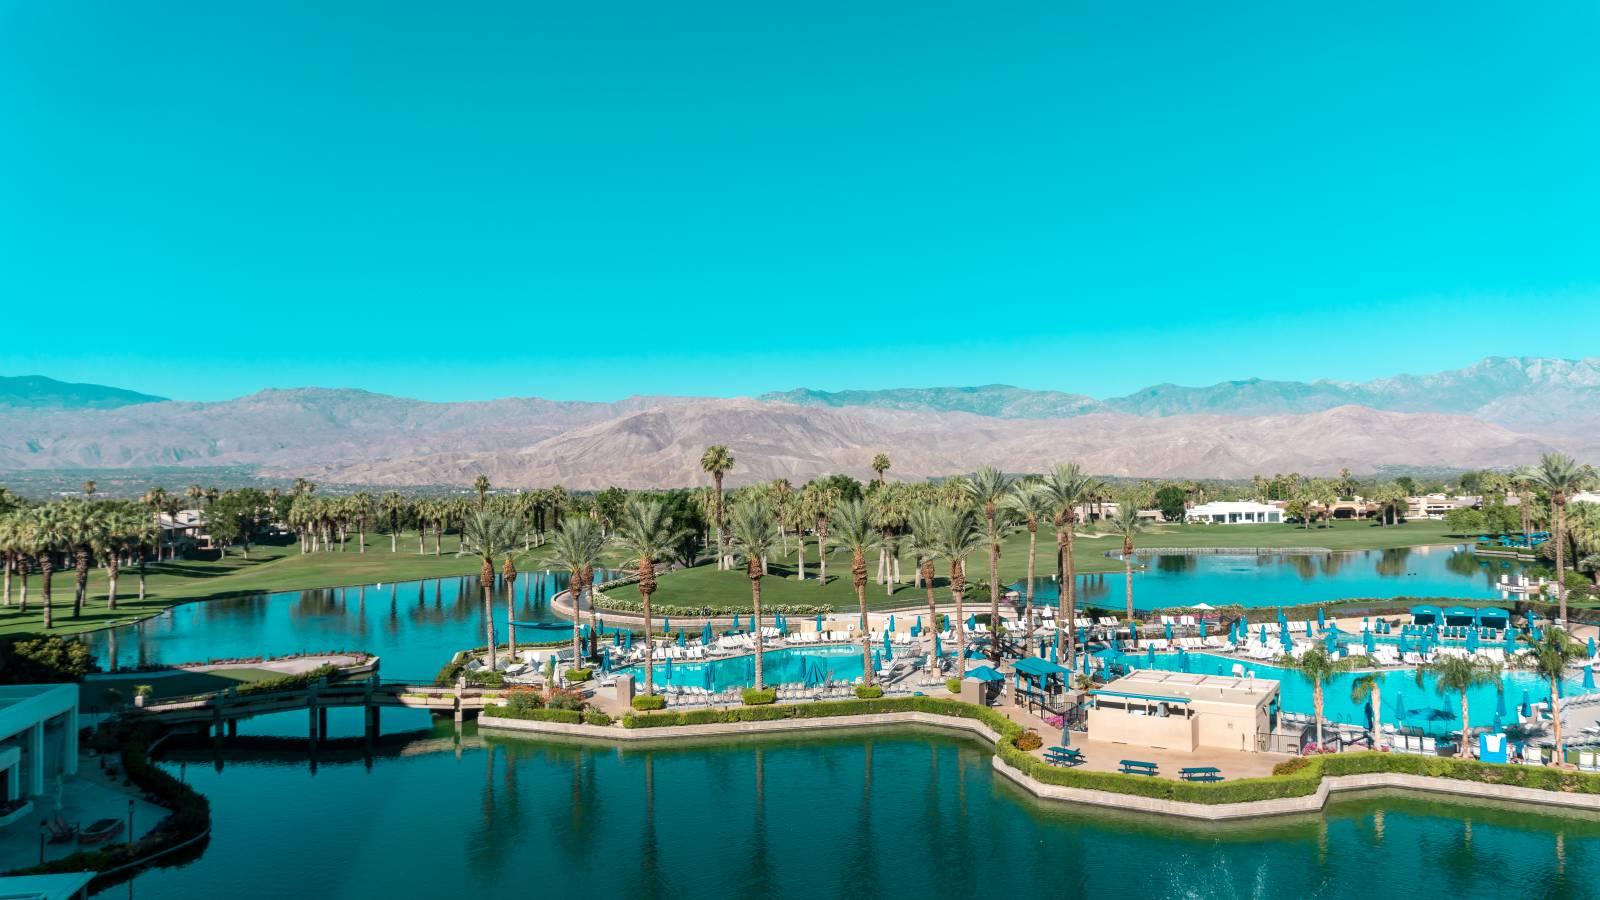 JW Marriott Desert Springs